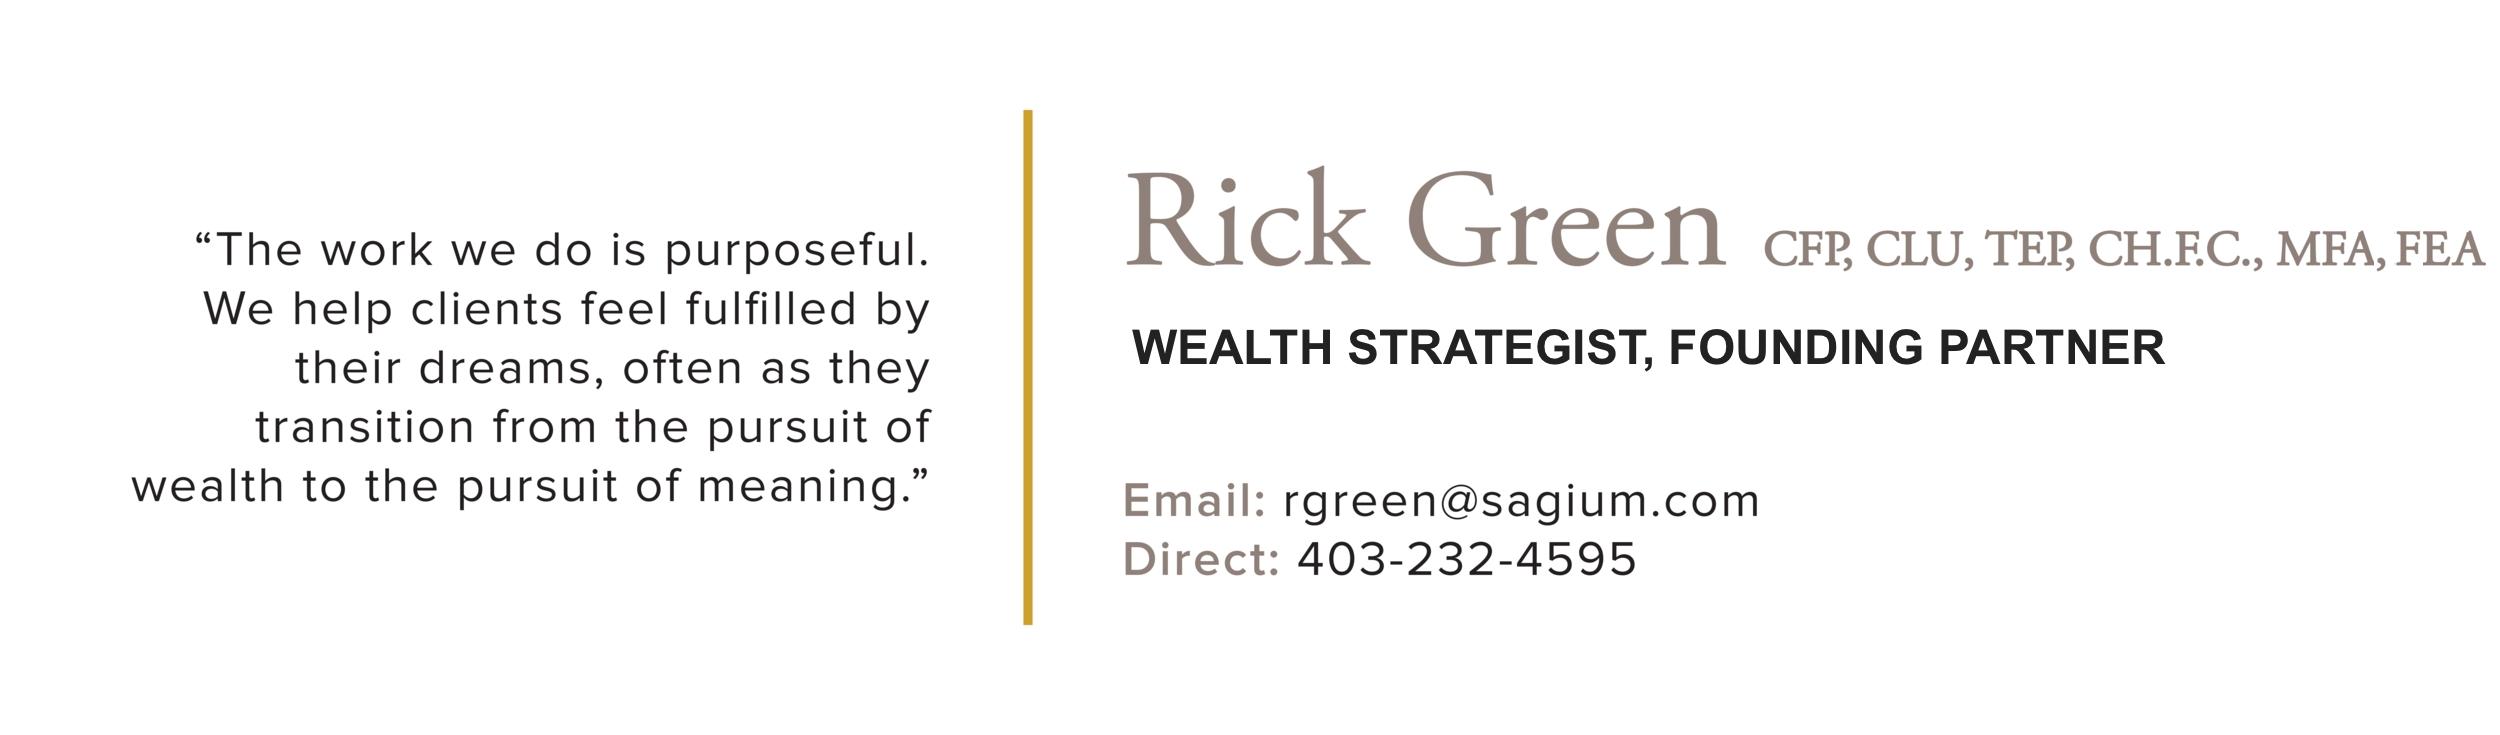 rick-green-card-v2.jpg